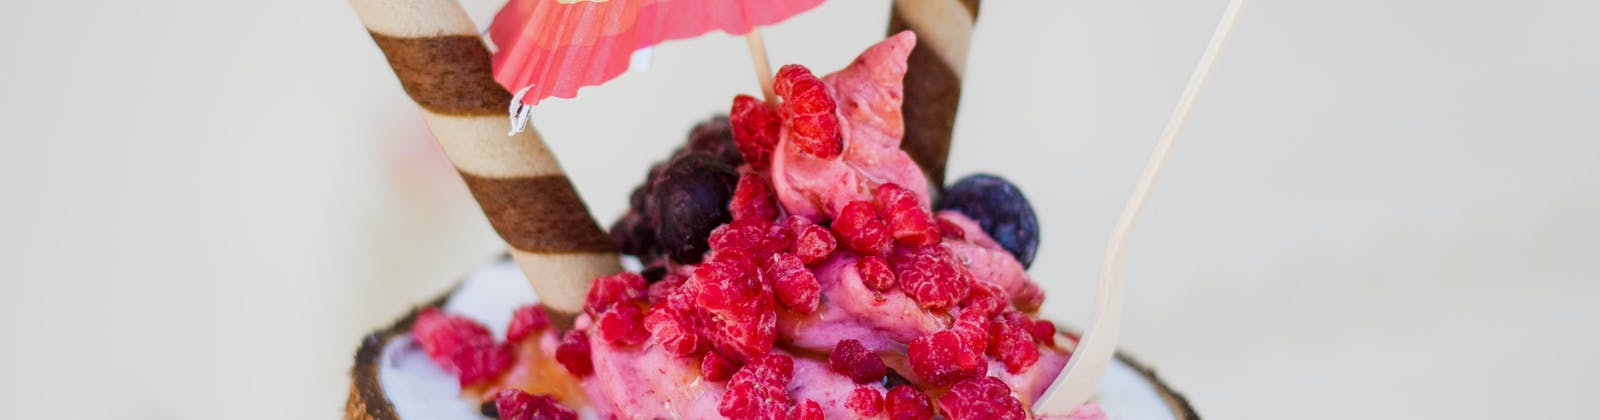 ice cream social coconut sundae